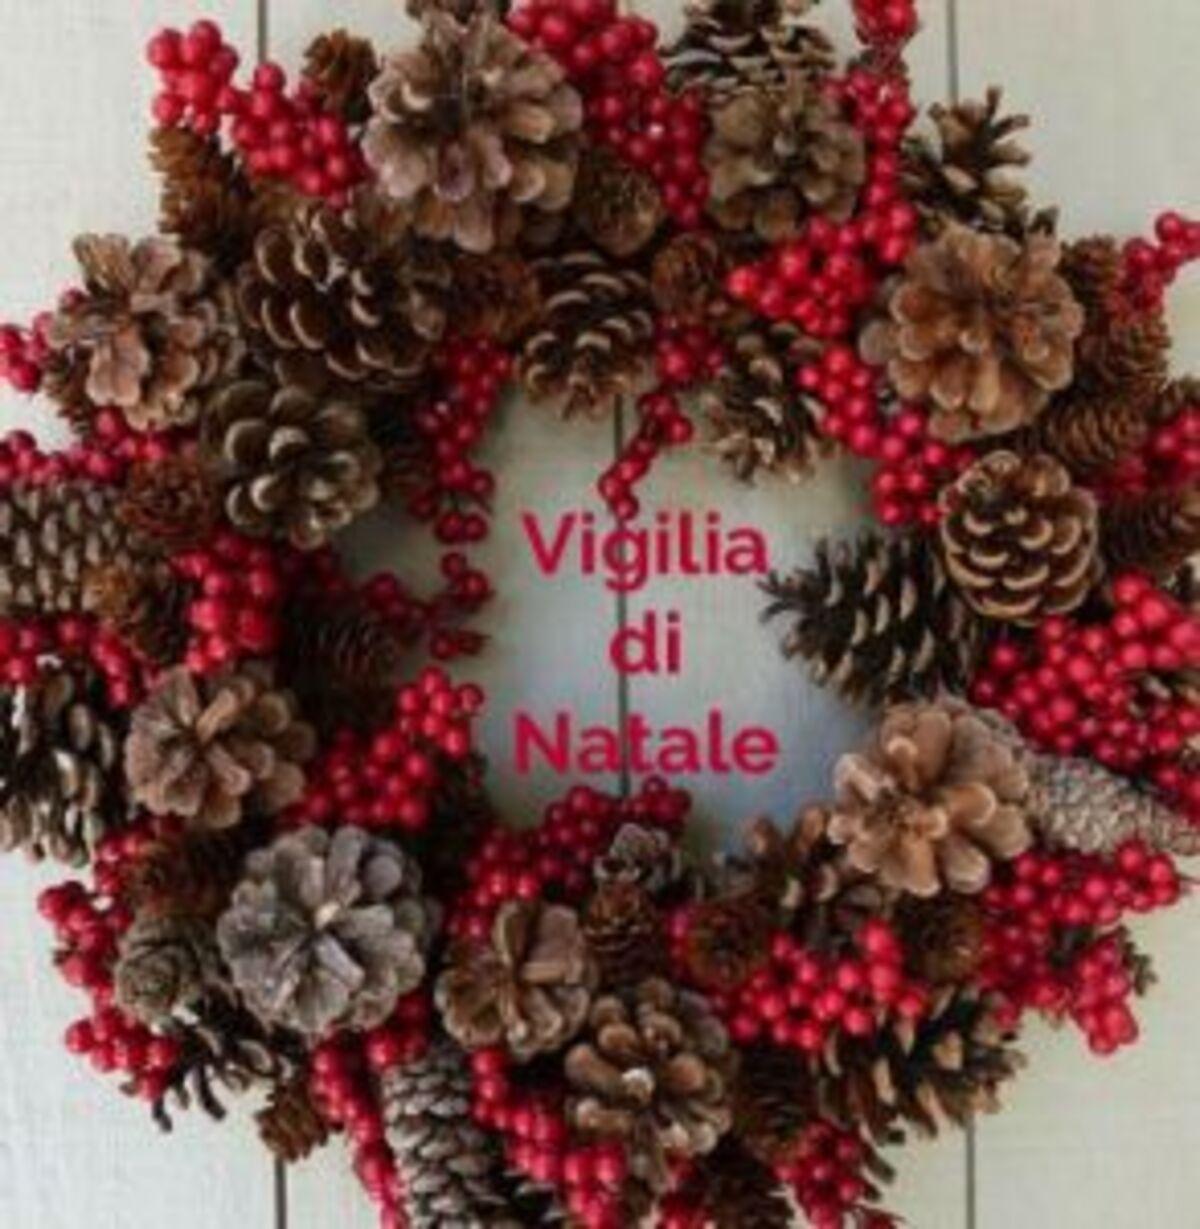 Immagini Del Buongiorno Di Natale.40 Buona Vigilia Di Natale Buongiorno Buongiorno Cloud